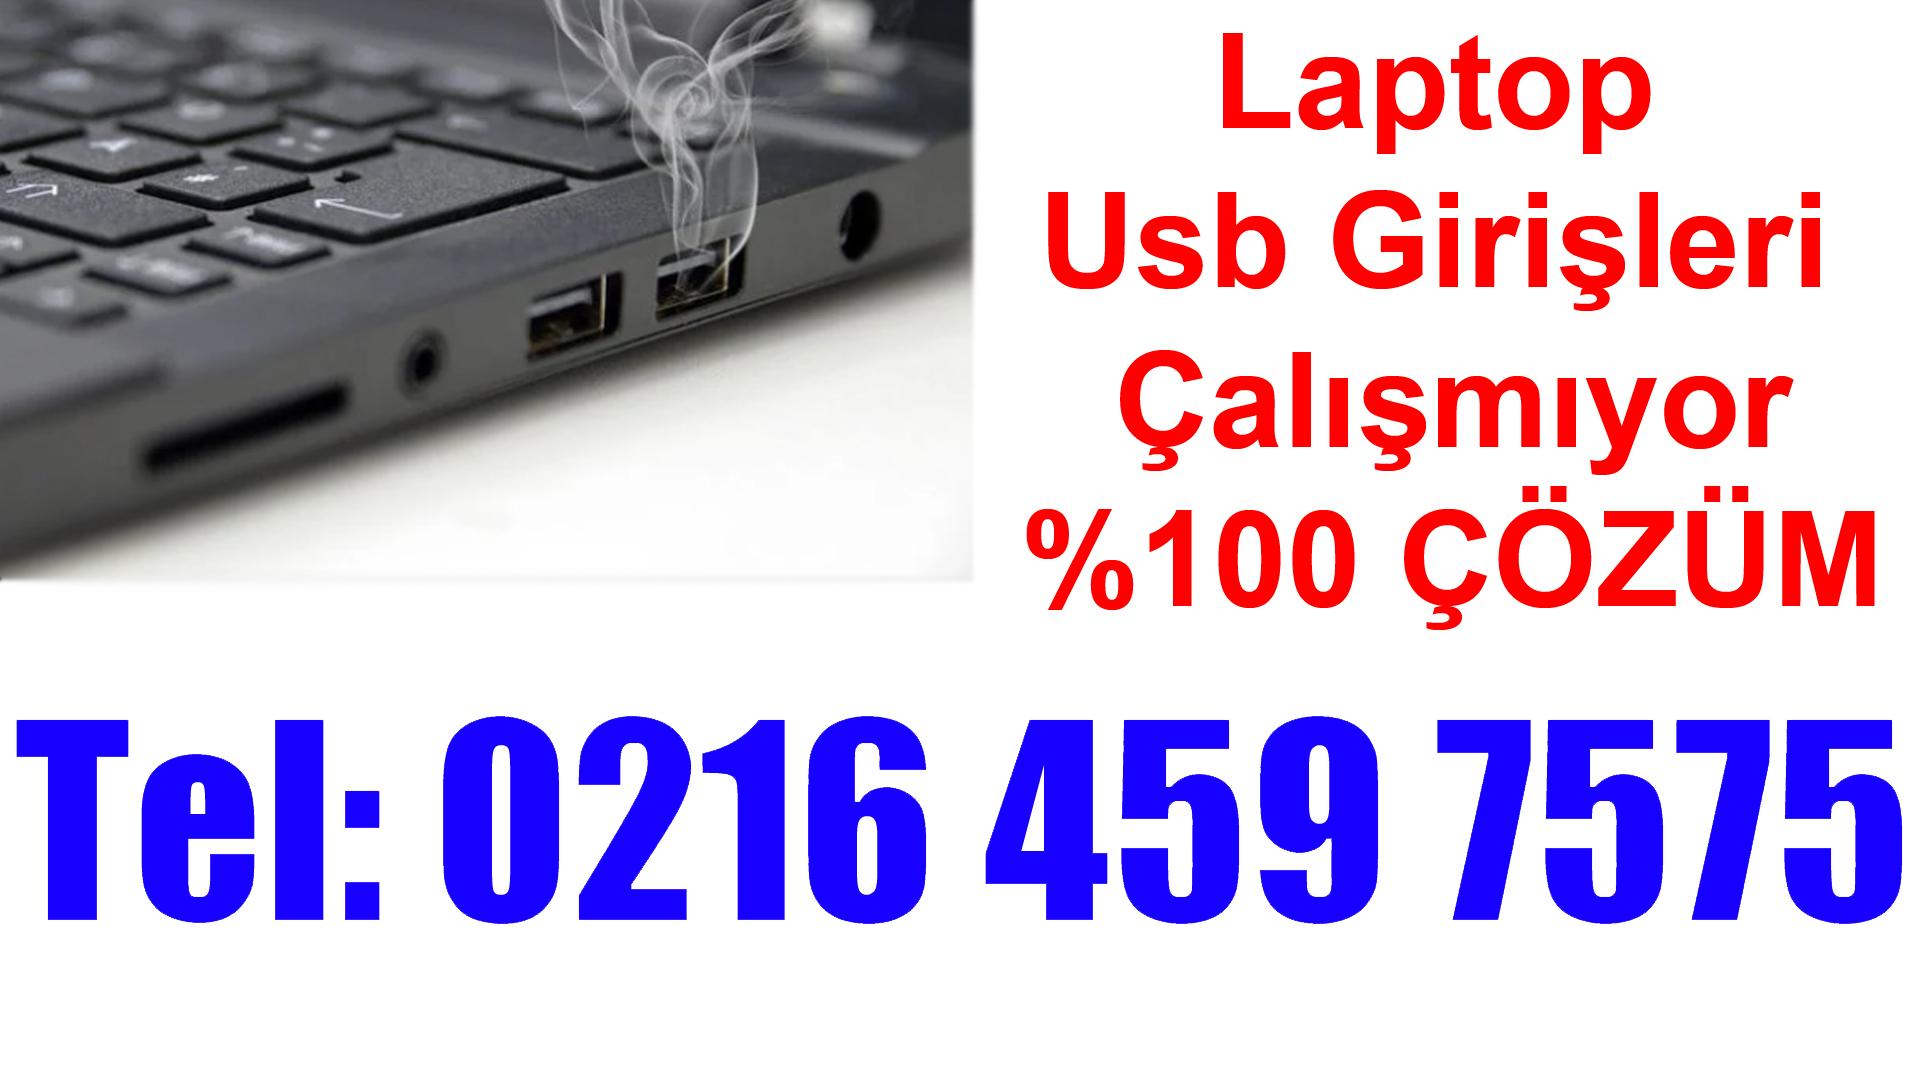 Acer laptop Usb Çalışmıyor